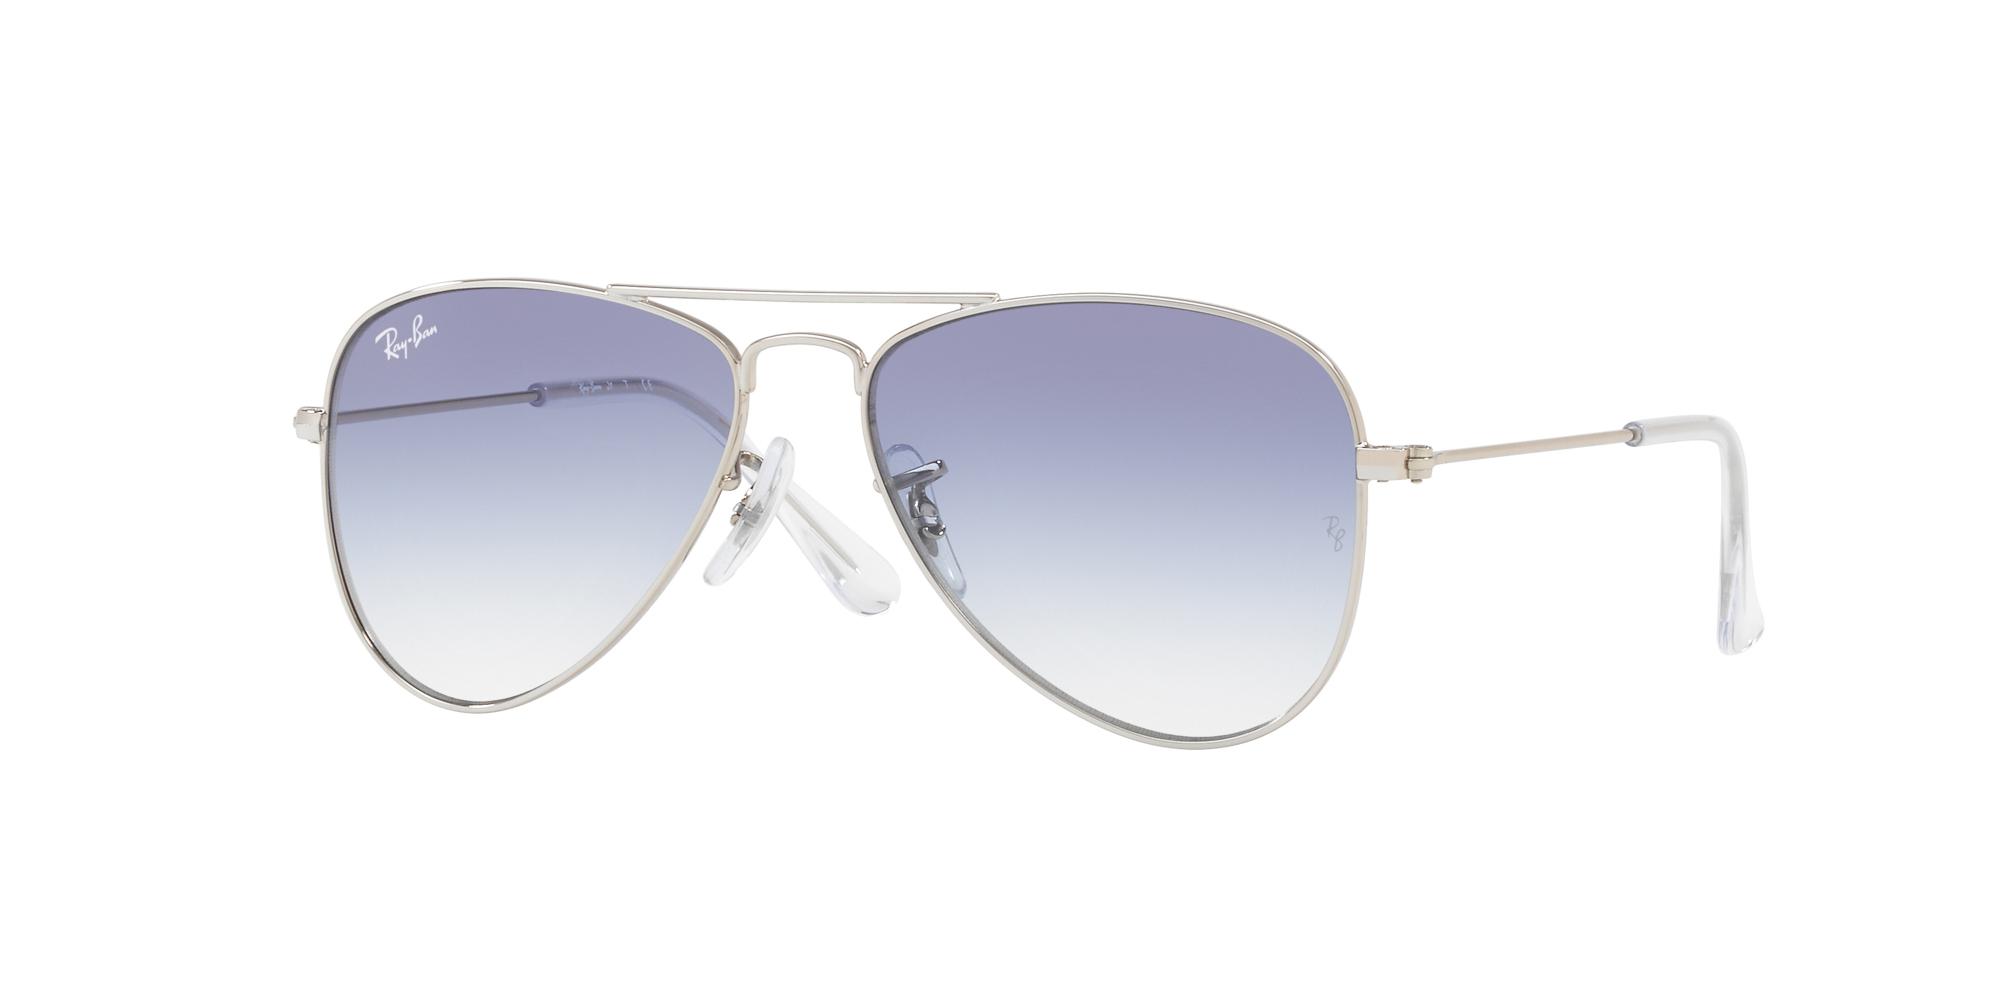 3df839869eb Eyewear for Kids - Ray-Ban - Optiwow